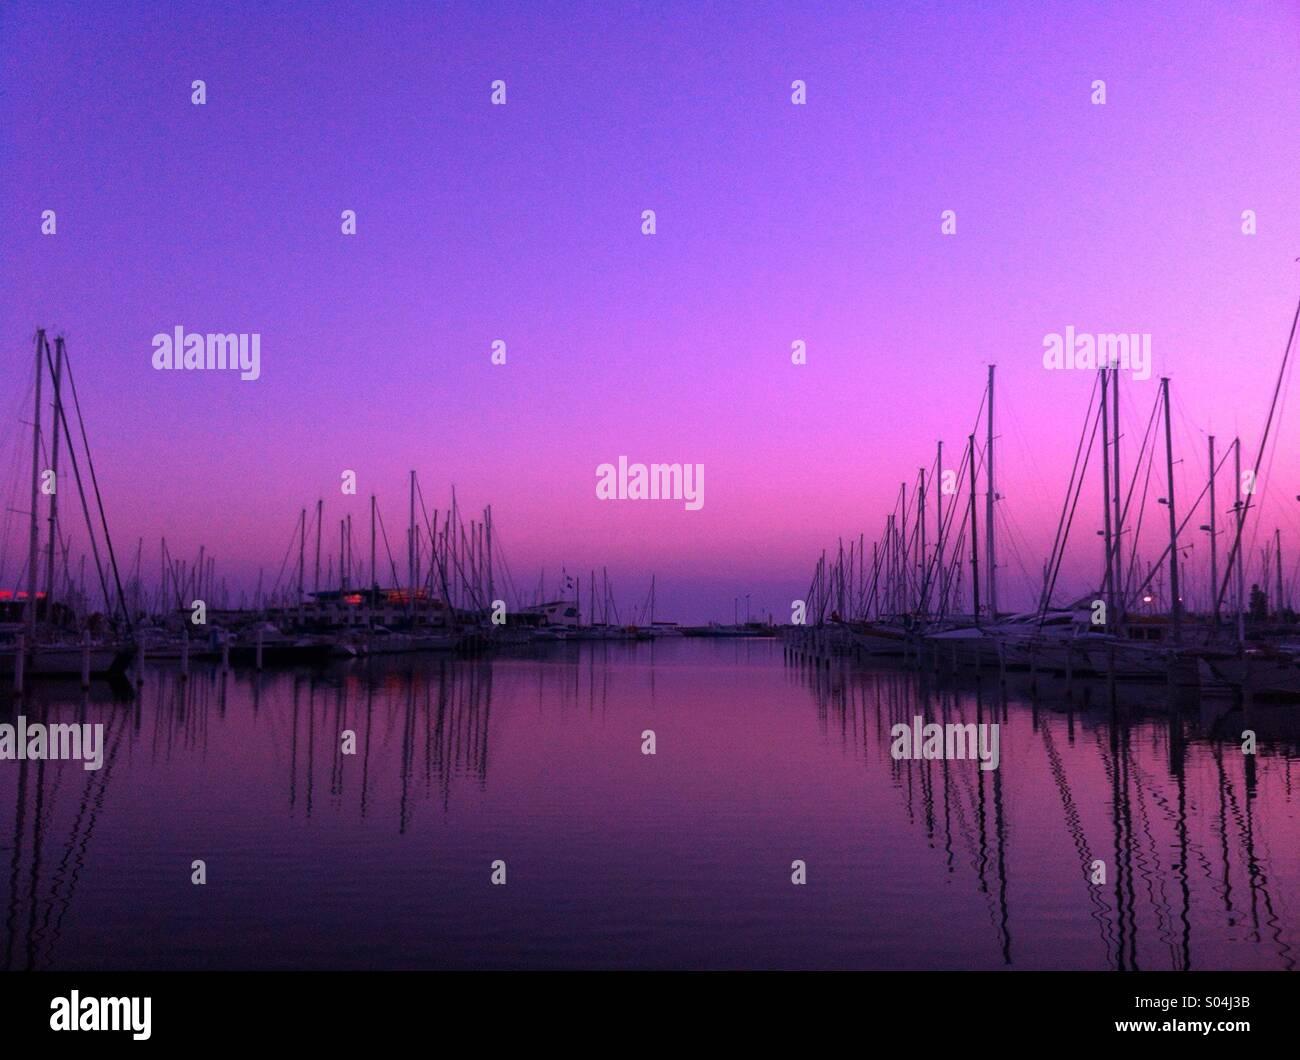 Spectacular violet sunrise, La Grande Motte,France - Stock Image